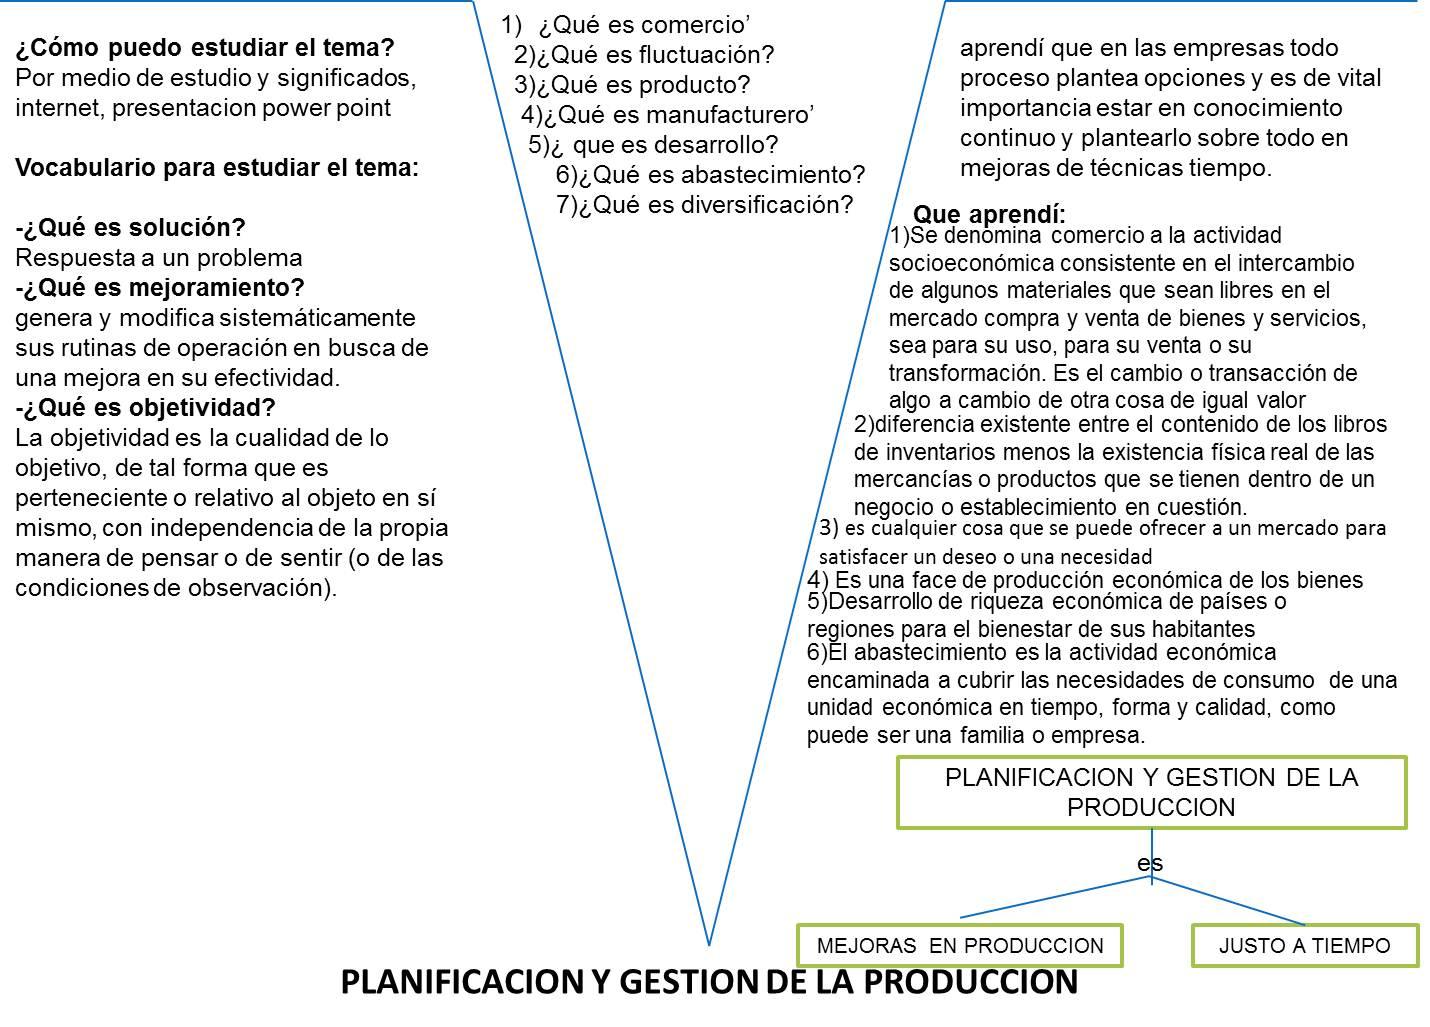 gestion y produccion: